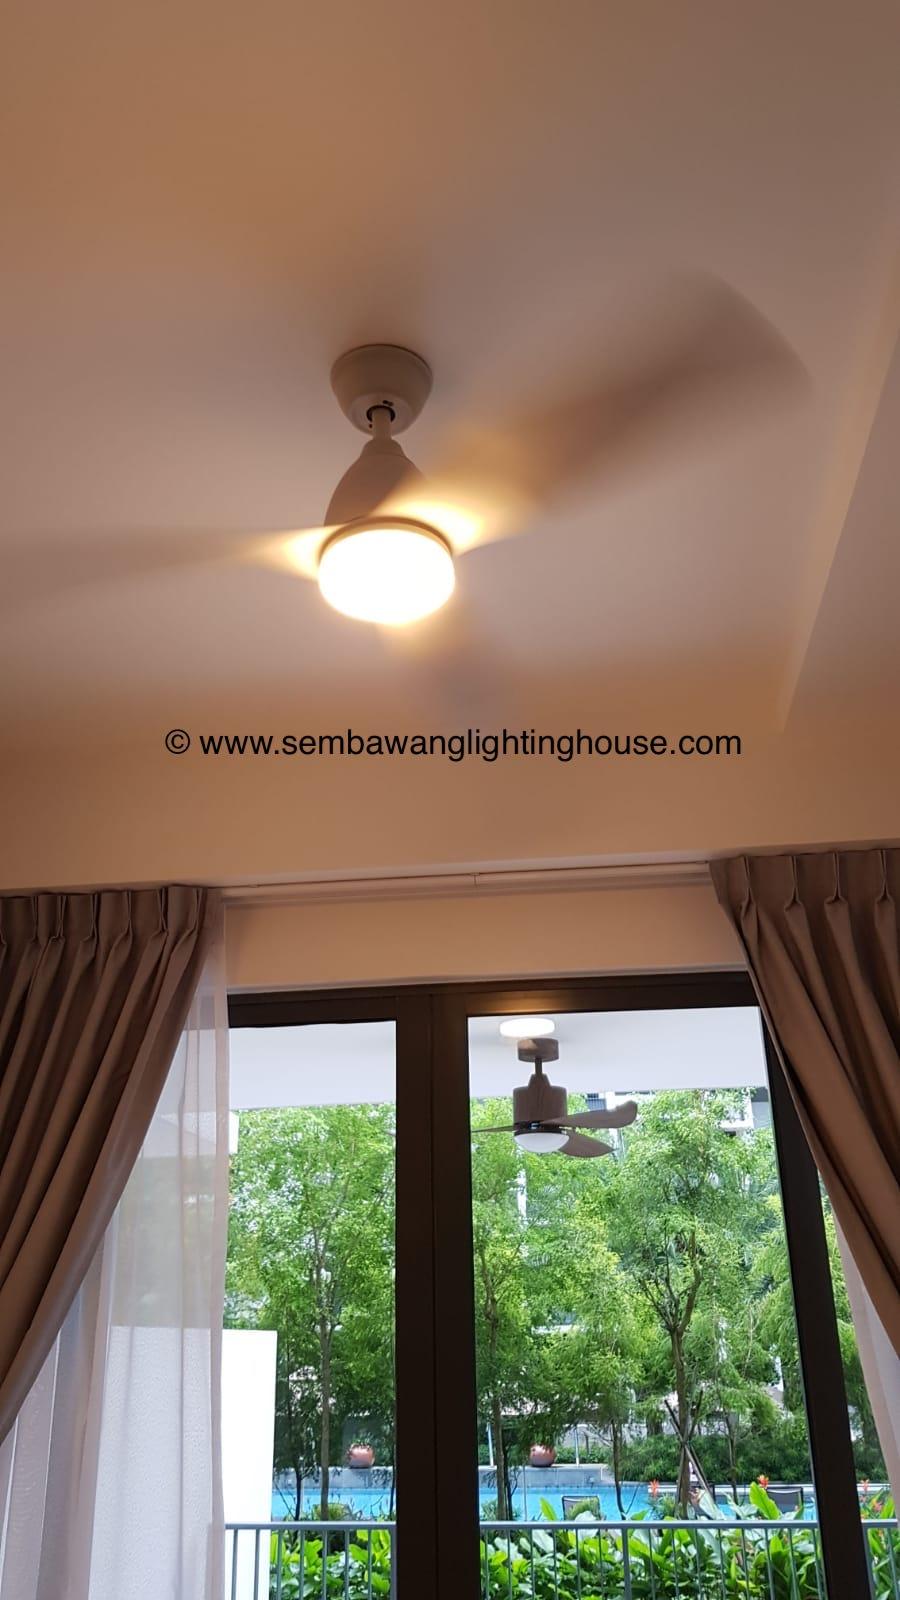 sample-03-acorn-dc325-light-wood-ceiling-fan-sample-sembawang-lighting-house-.jpg